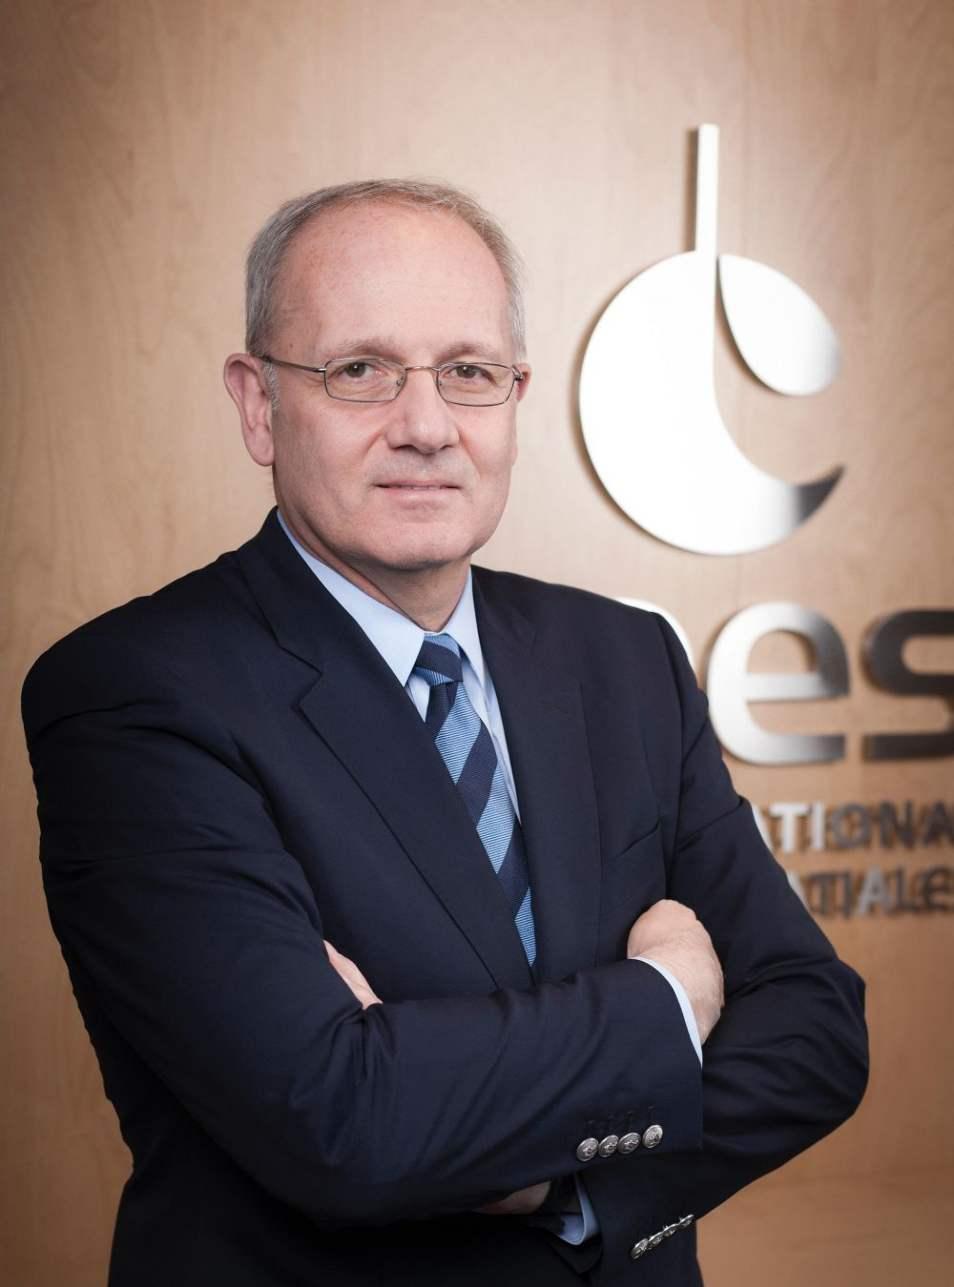 La grande interview: Jean-Yves Le Gall, président du Cnes